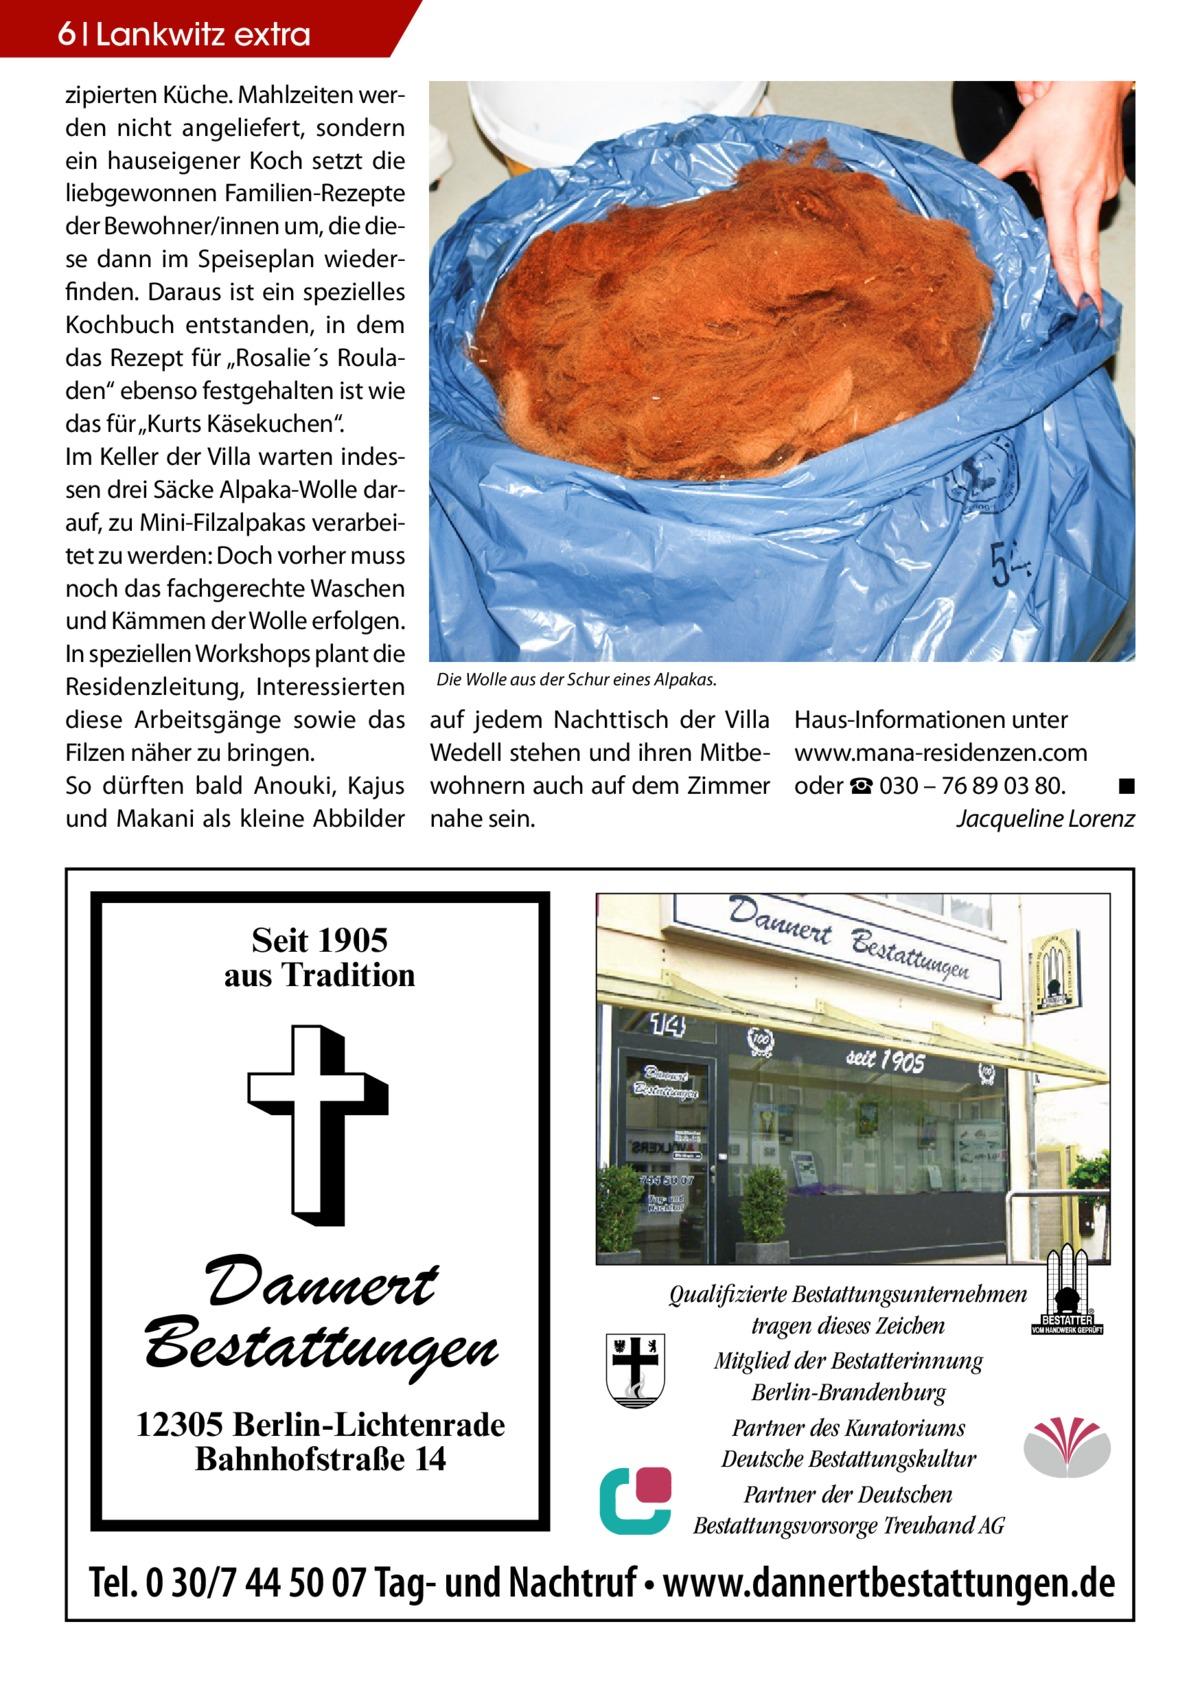 """6 Lankwitz extra zipierten Küche. Mahlzeiten werden nicht angeliefert, sondern ein hauseigener Koch setzt die liebgewonnen Familien-Rezepte der Bewohner/innen um, die diese dann im Speiseplan wiederfinden. Daraus ist ein spezielles Kochbuch entstanden, in dem das Rezept für """"Rosalie´s Rouladen"""" ebenso festgehalten ist wie das für """"Kurts Käsekuchen"""". Im Keller der Villa warten indessen drei Säcke Alpaka-Wolle darauf, zu Mini-Filzalpakas verarbeitet zu werden: Doch vorher muss noch das fachgerechte Waschen und Kämmen der Wolle erfolgen. In speziellen Workshops plant die Residenzleitung, Interessierten diese Arbeitsgänge sowie das Filzen näher zu bringen. So dürften bald Anouki, Kajus und Makani als kleine Abbilder  Die Wolle aus der Schur eines Alpakas.  auf jedem Nachttisch der Villa Wedell stehen und ihren Mitbewohnern auch auf dem Zimmer nahe sein.  Haus-Informationen unter www.mana-residenzen.com oder ☎ 030 – 76 89 03 80.� ◾ � Jacqueline Lorenz  Seit 1905 aus Tradition  Dannert Bestattungen 12305 Berlin-Lichtenrade Bahnhofstraße 14  Qualifizierte Bestattungsunternehmen tragen dieses Zeichen Mitglied der Bestatterinnung Berlin-Brandenburg Partner des Kuratoriums Deutsche Bestattungskultur Partner der Deutschen Bestattungsvorsorge Treuhand AG  Tel. 0 30/7 44 50 07 Tag- und Nachtruf • www.dannertbestattungen.de"""